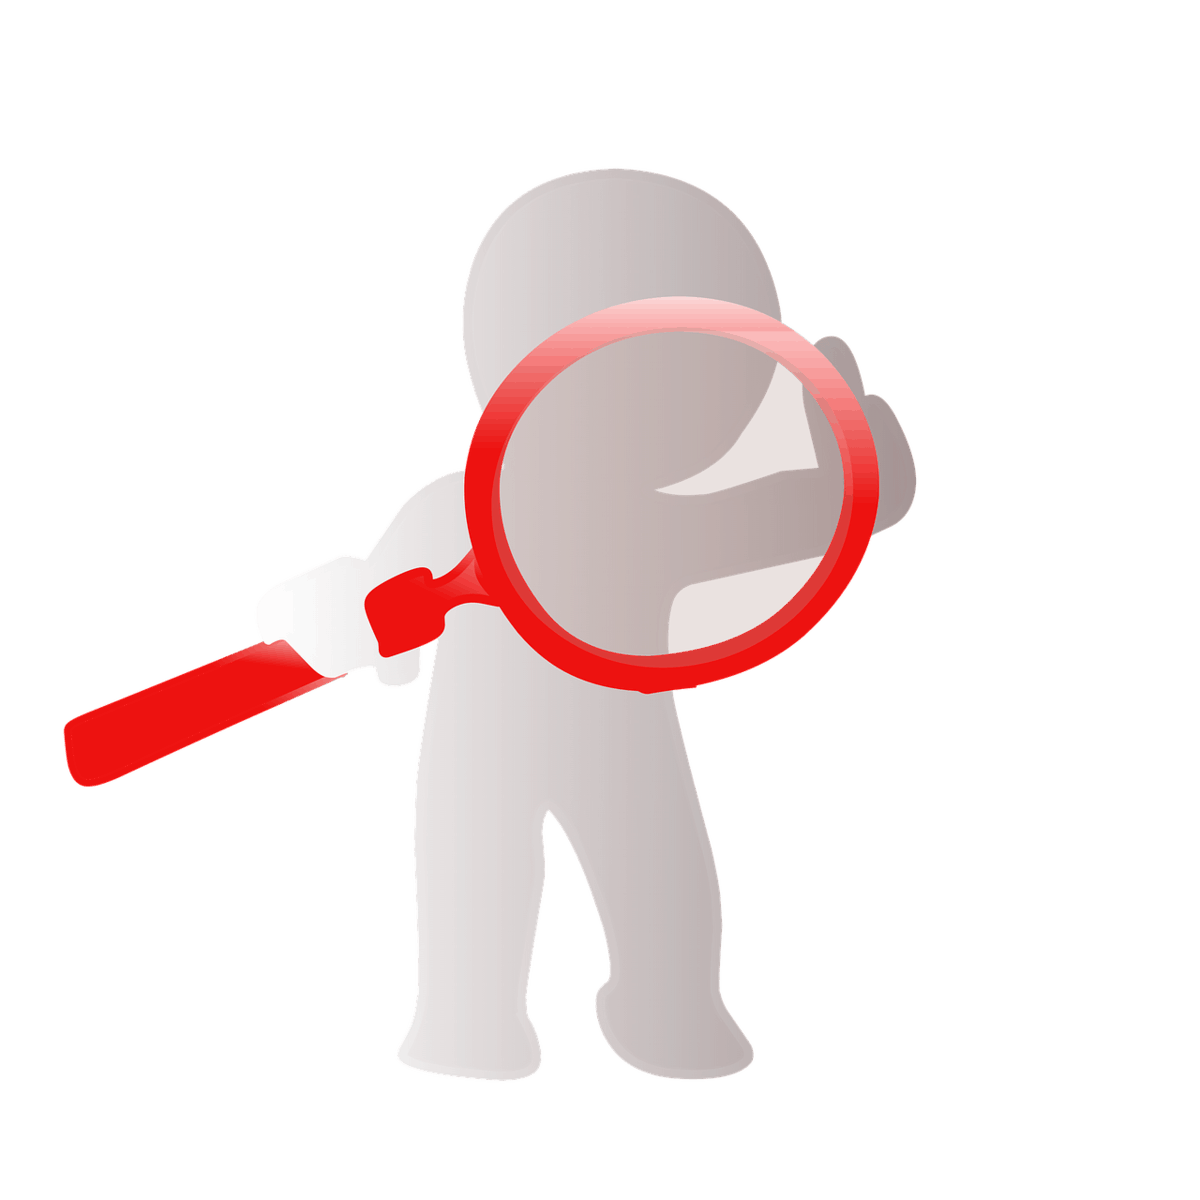 חוקר פרטי